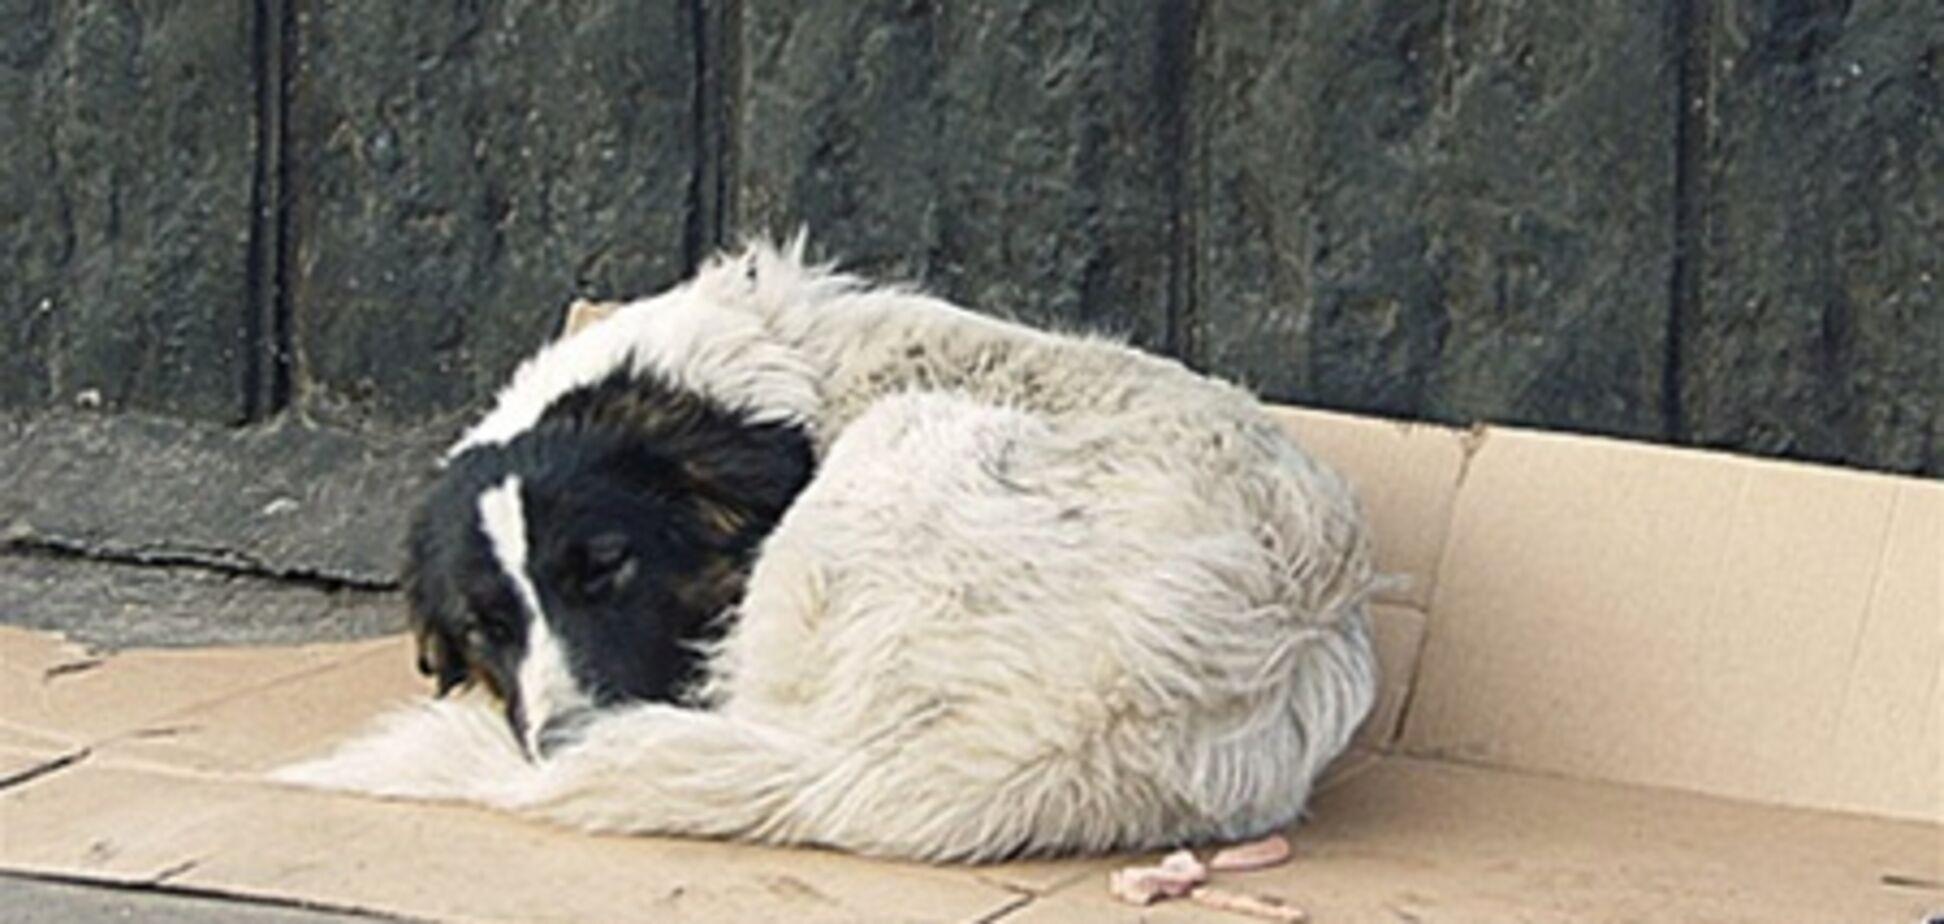 Бездомные животные: отравить, чтобы не мучить?